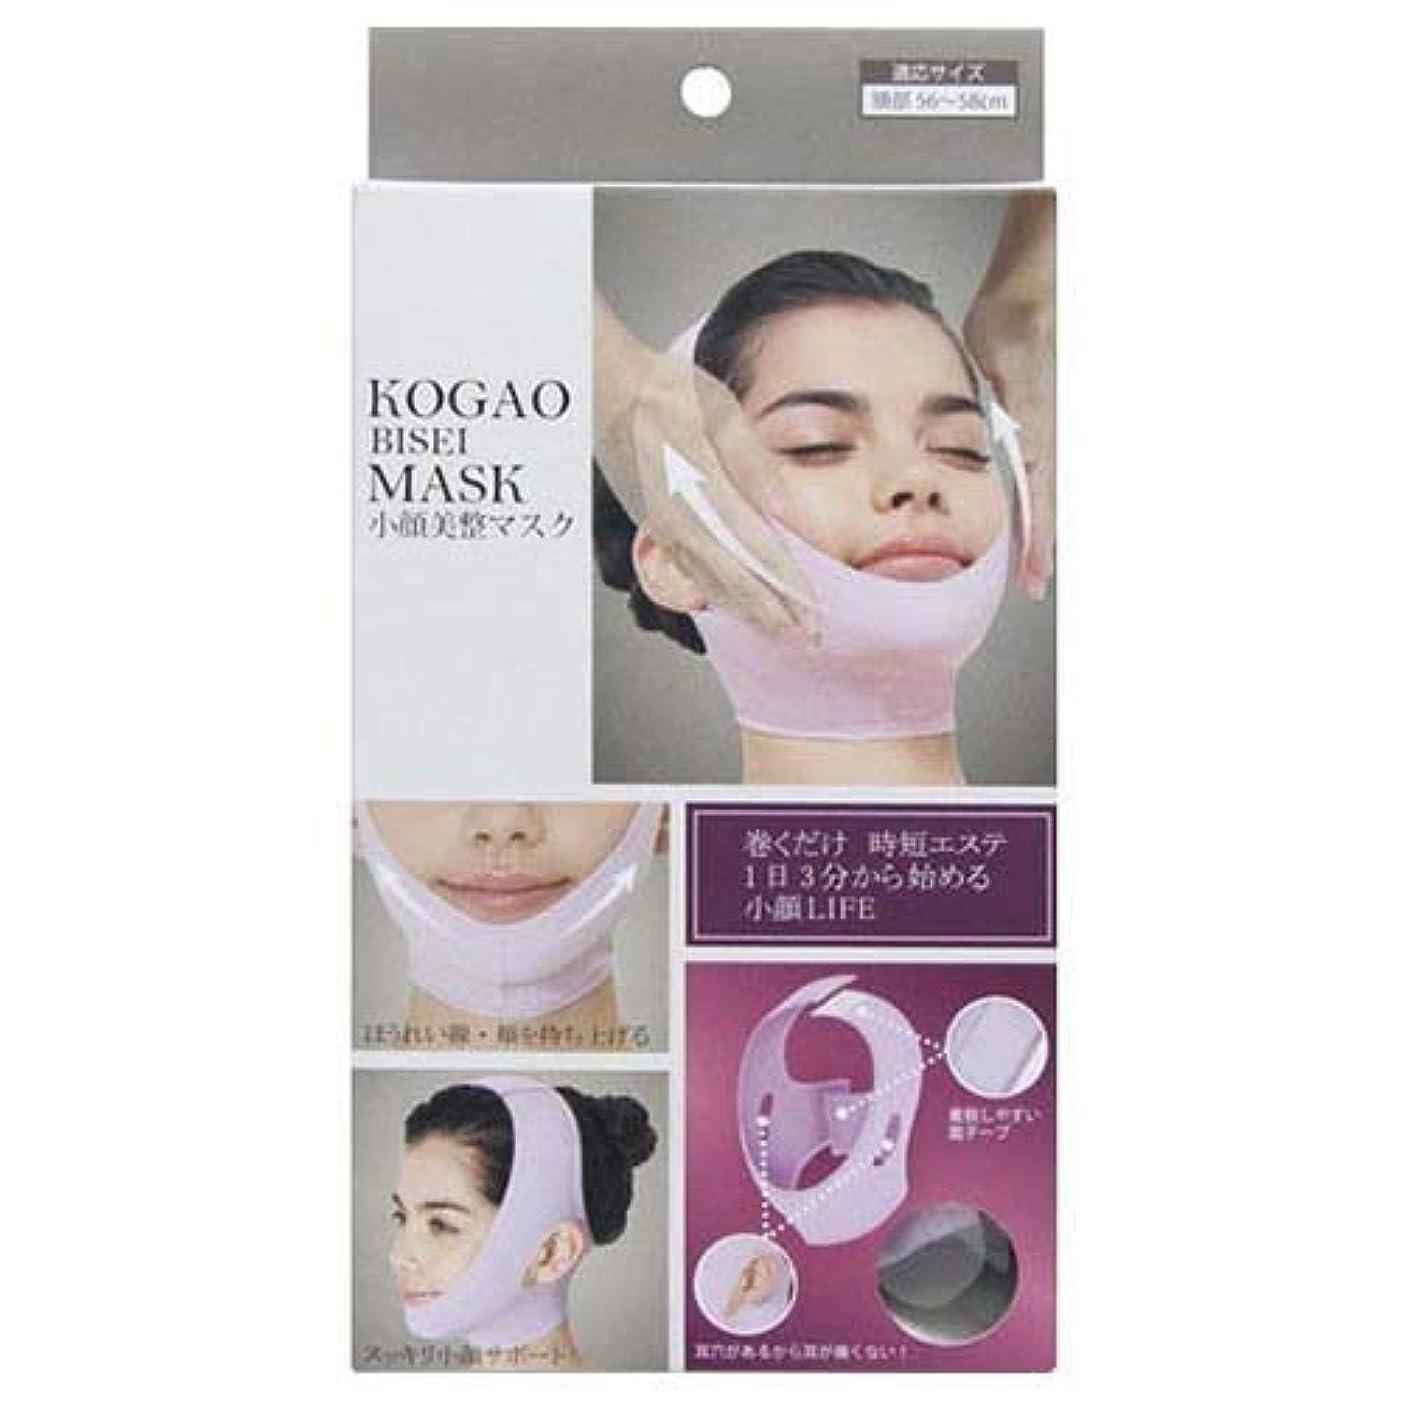 無法者抽象化専門化する小顔美整マスク